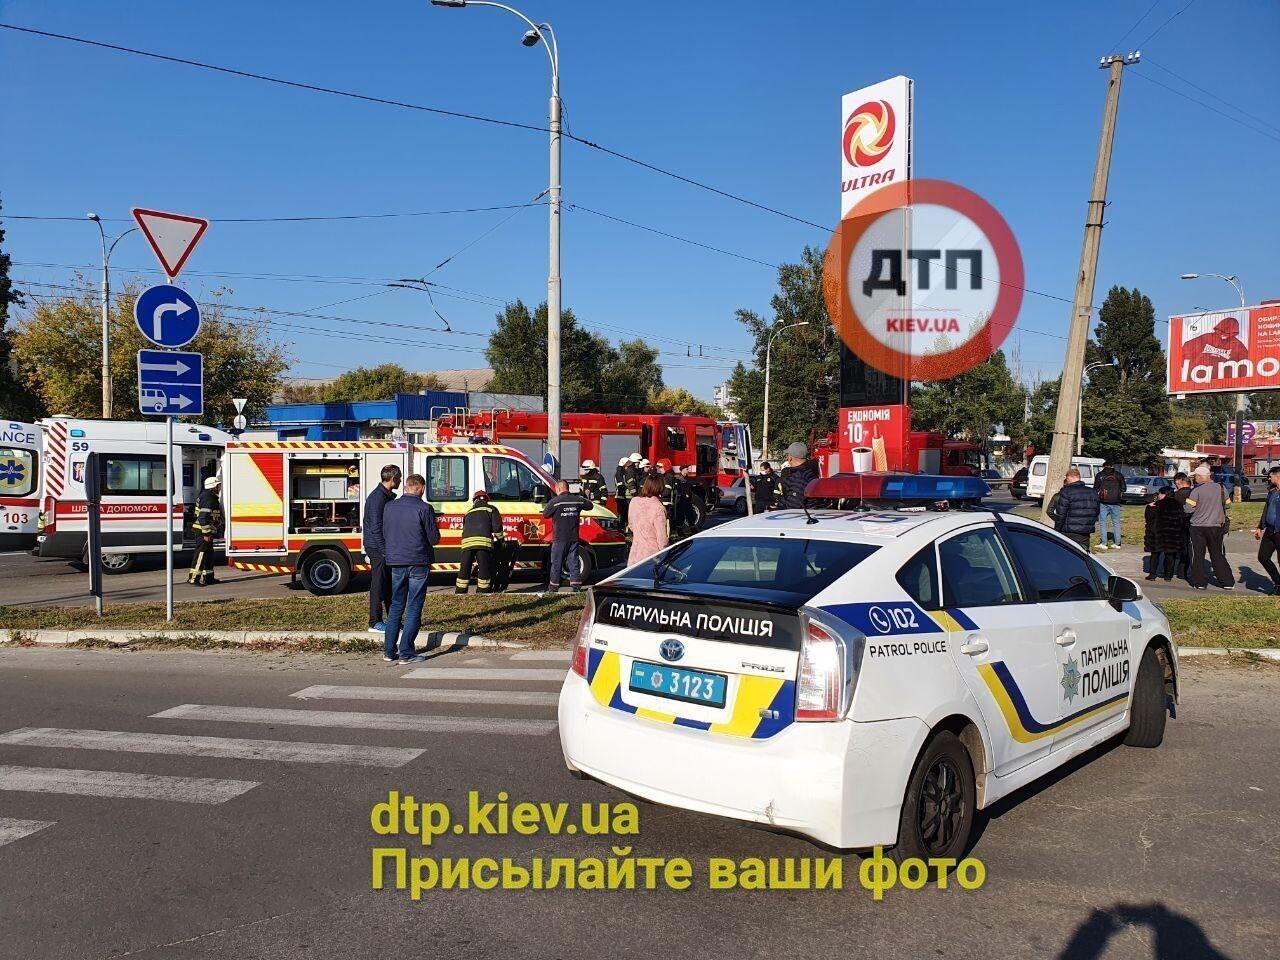 Полицейское авто на месте ДТП